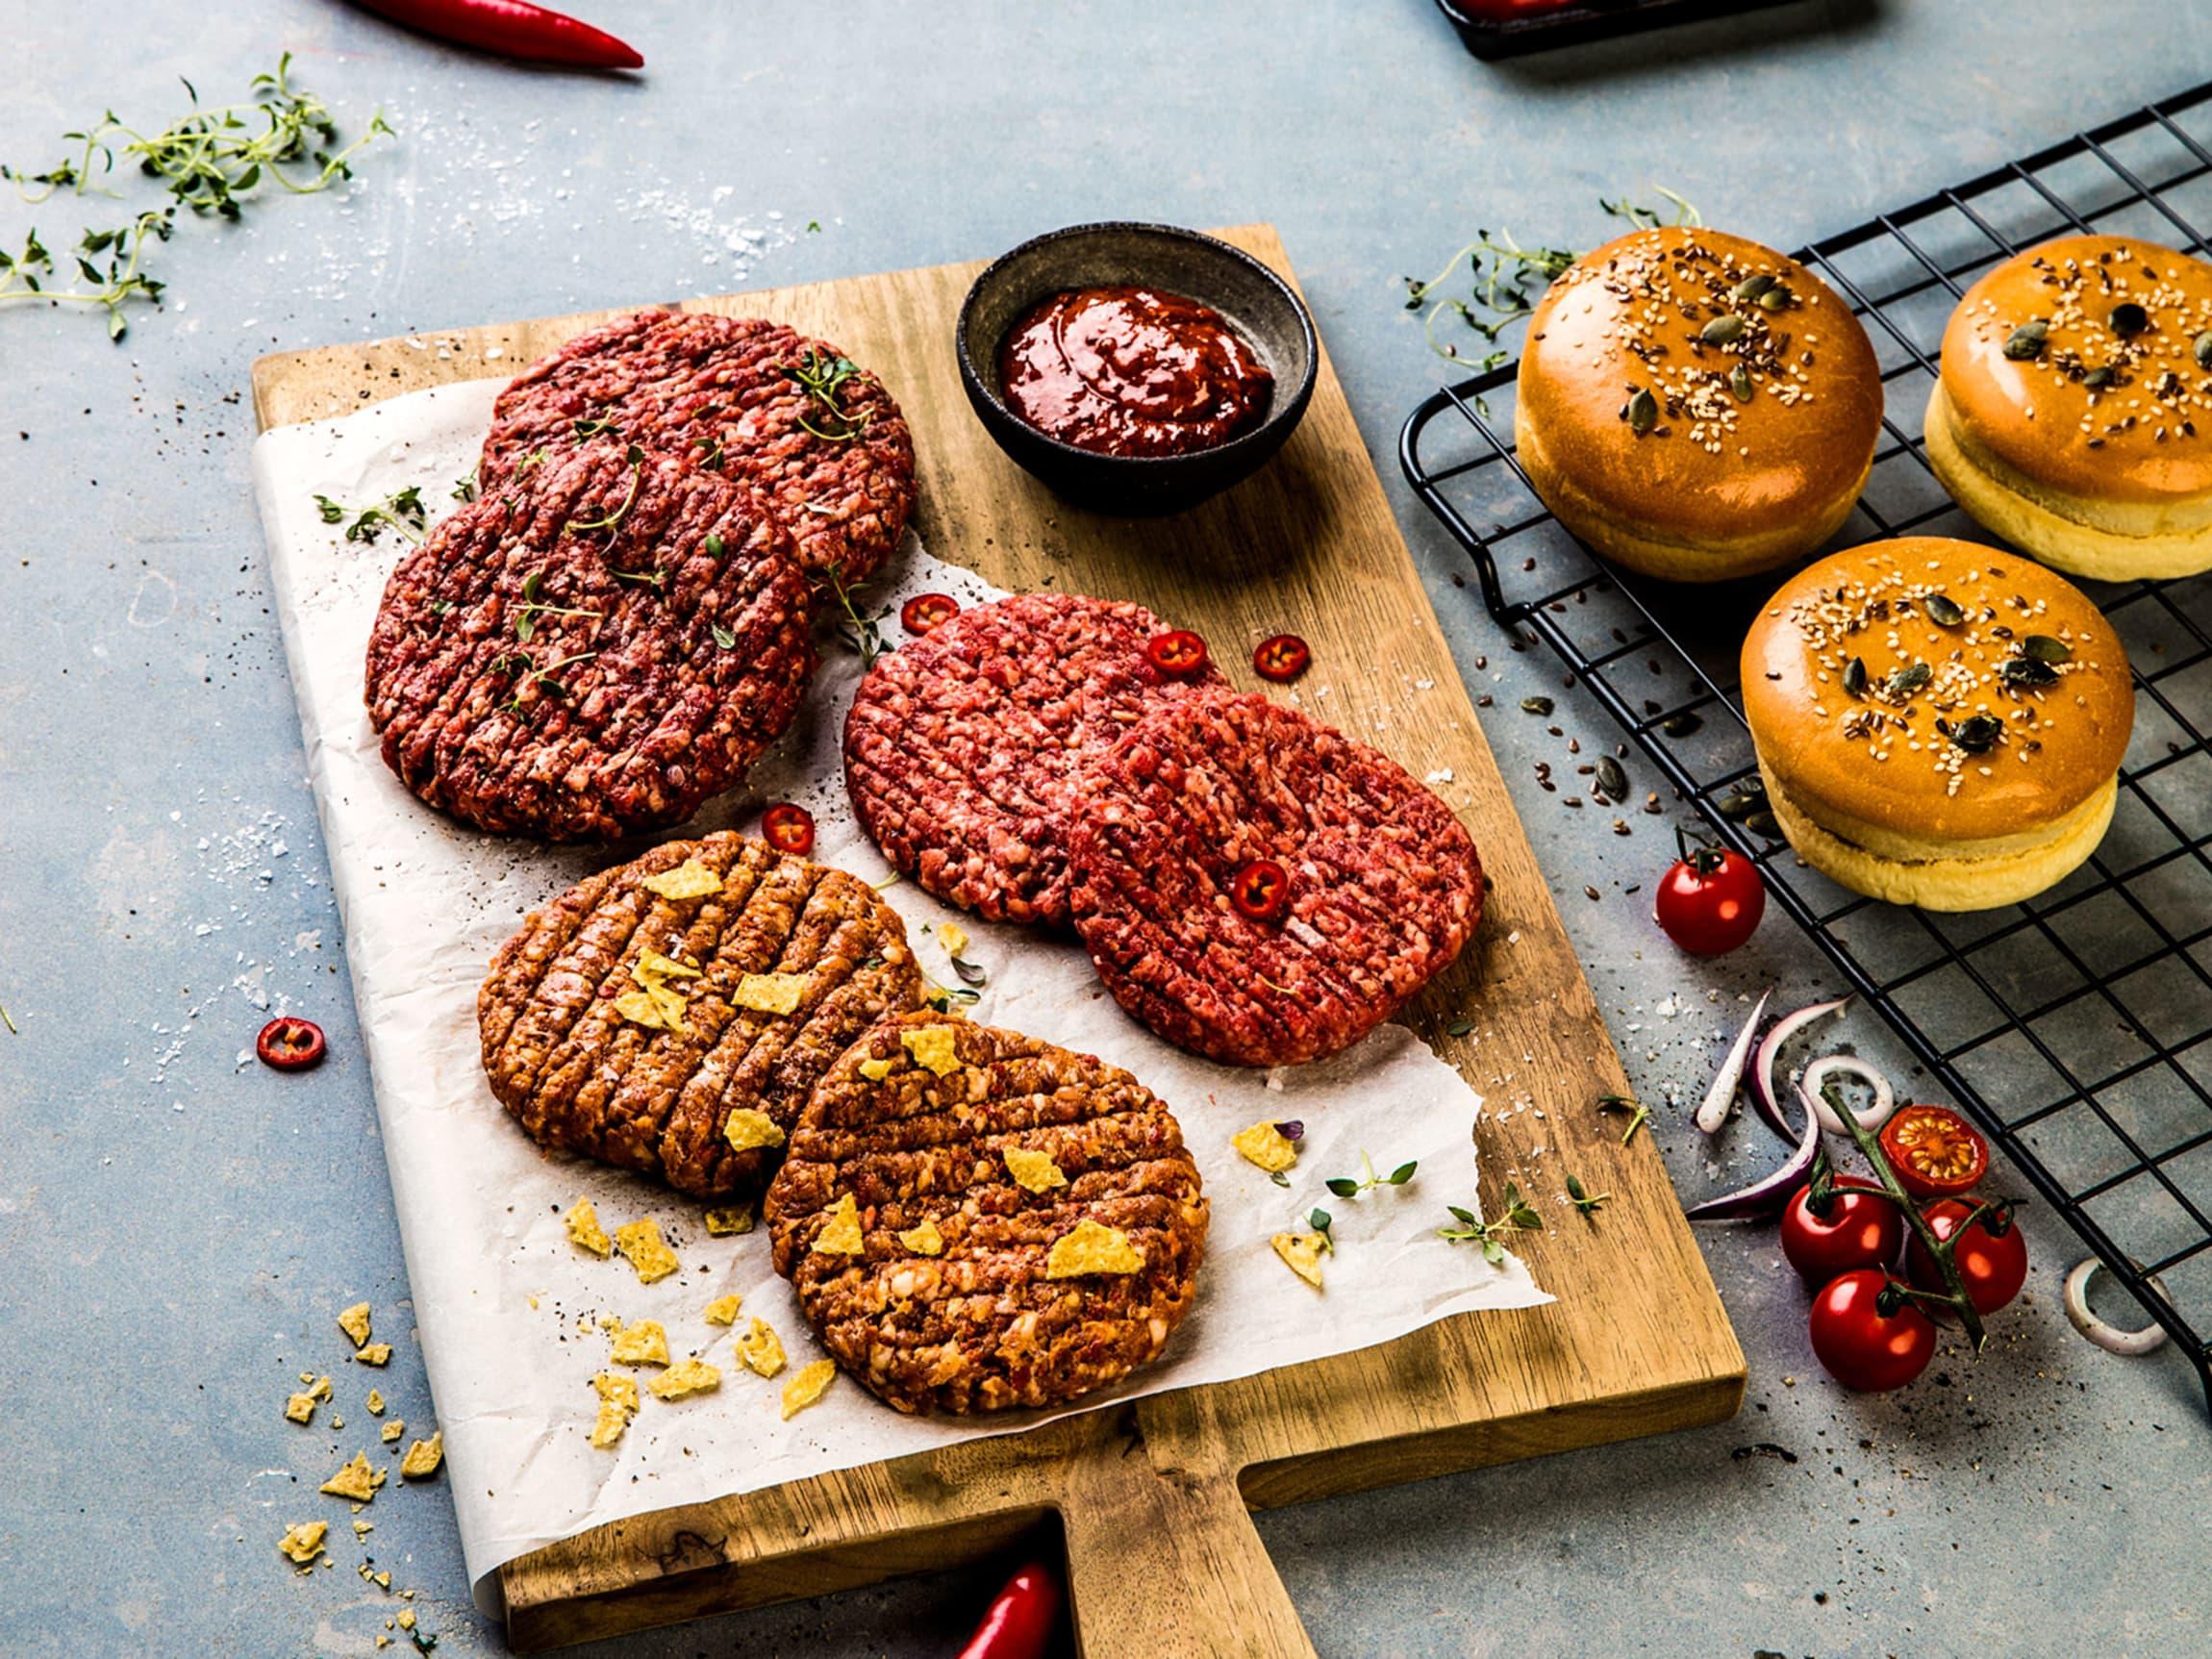 Når kjøttet er ferdig kvernet, er det viktig å unngå å jobbe for mye med deigen. Ved å forme den lett blir burgeren perfekt!